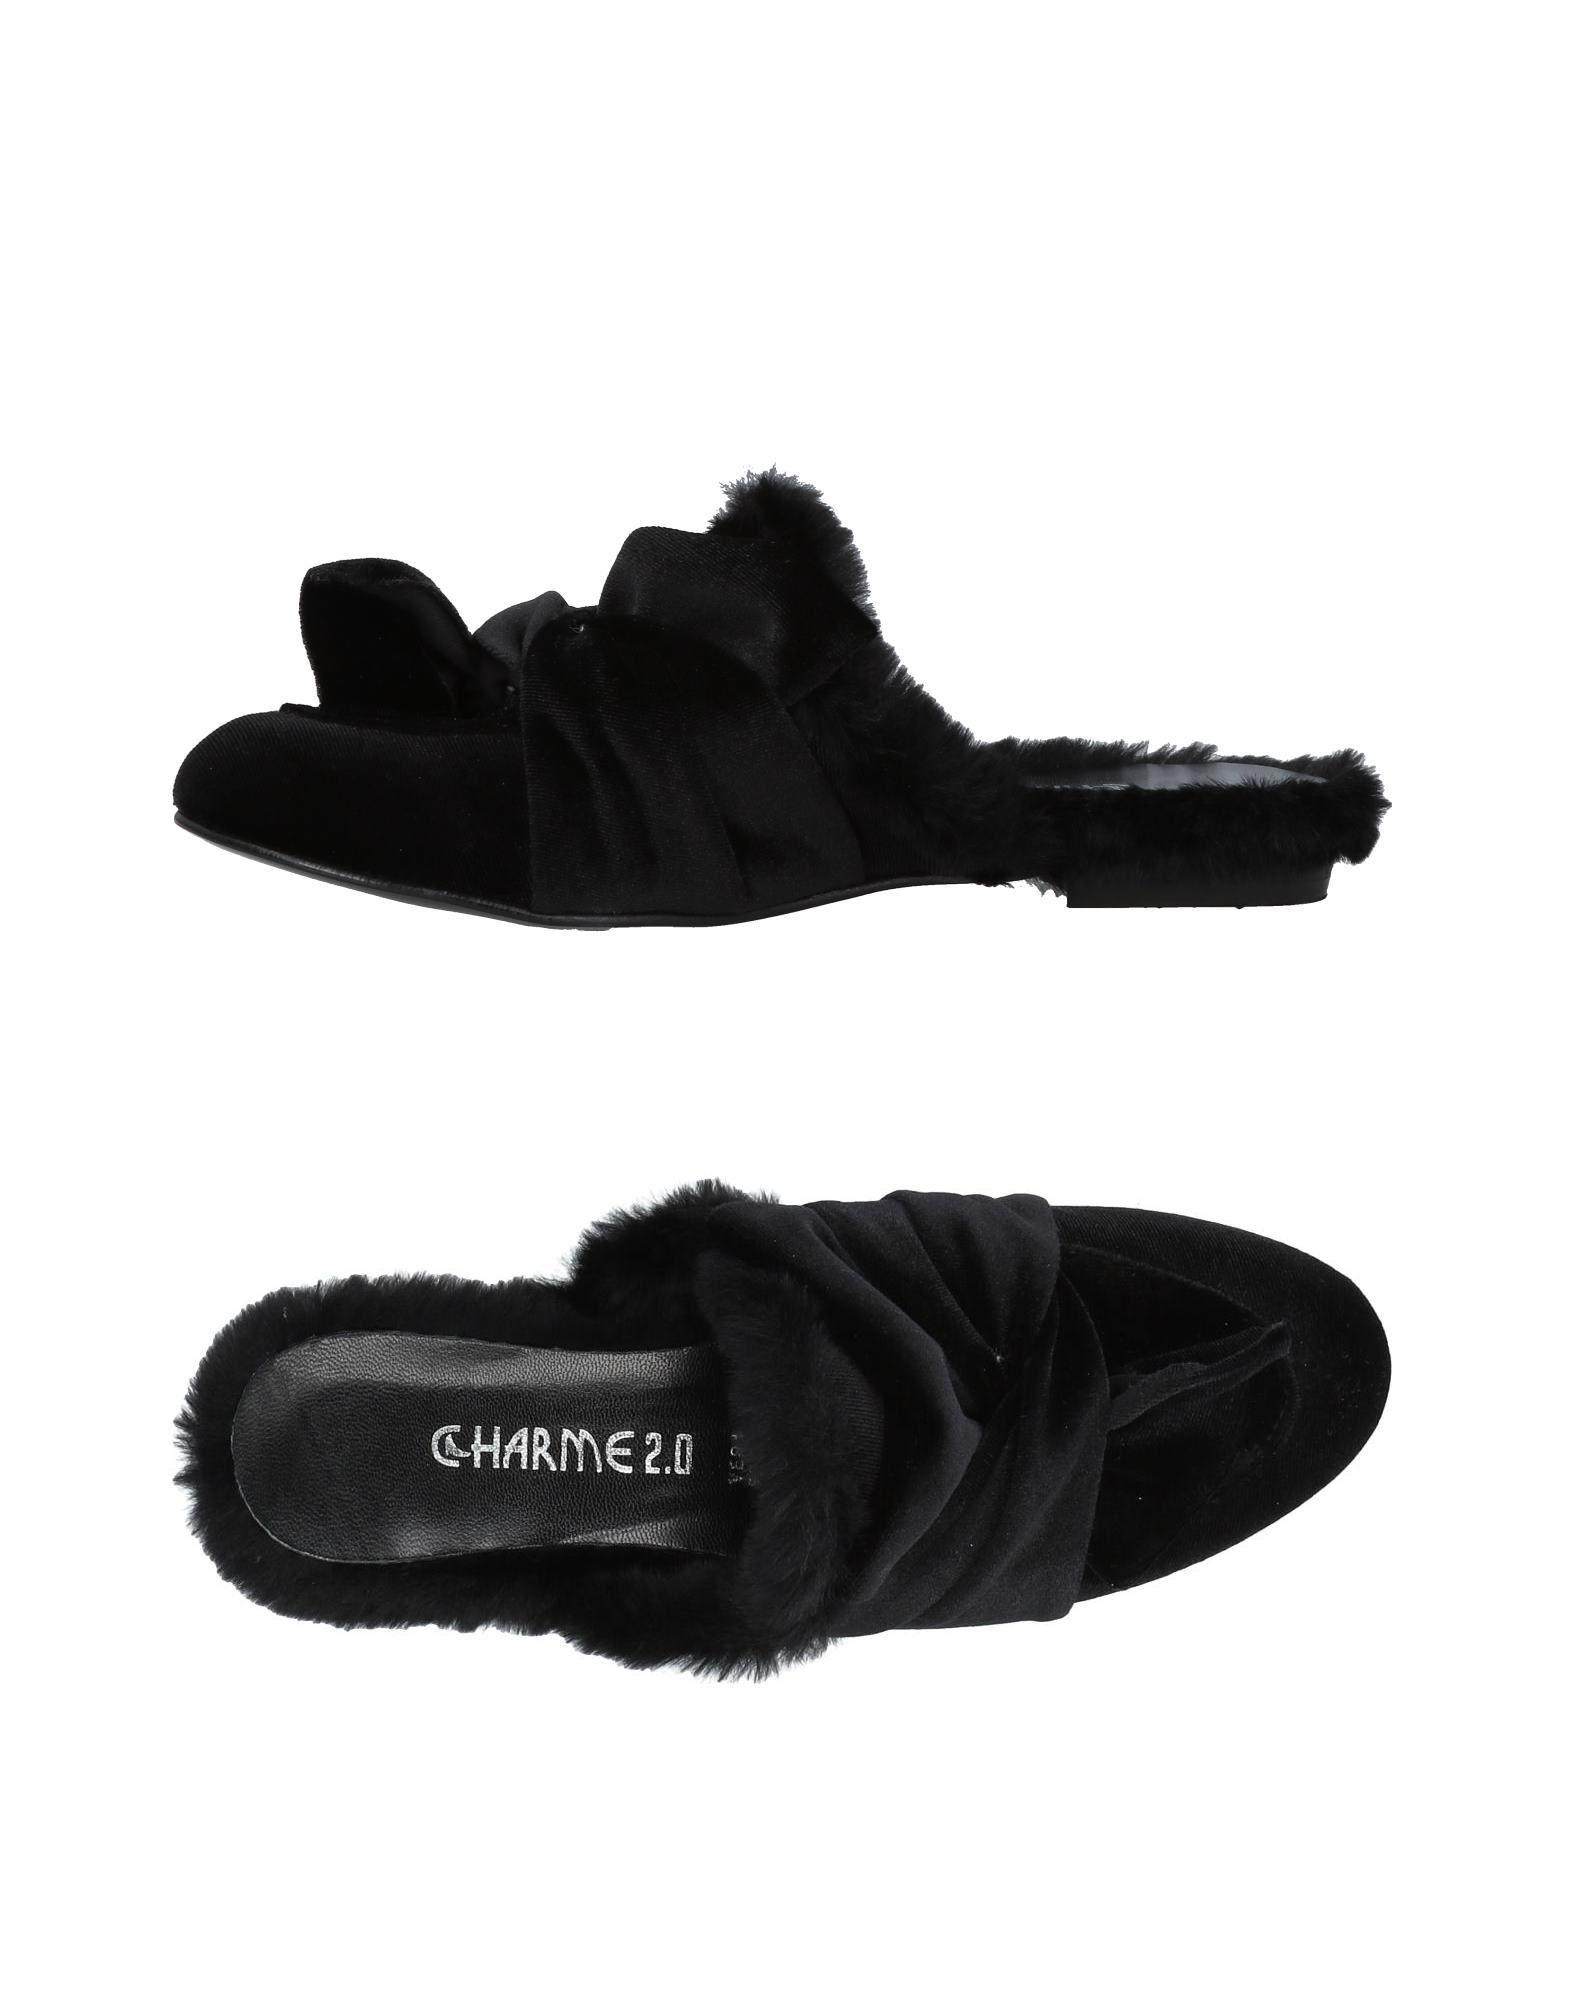 Charme Pantoletten Damen  11454819OQ Gute Qualität beliebte Schuhe